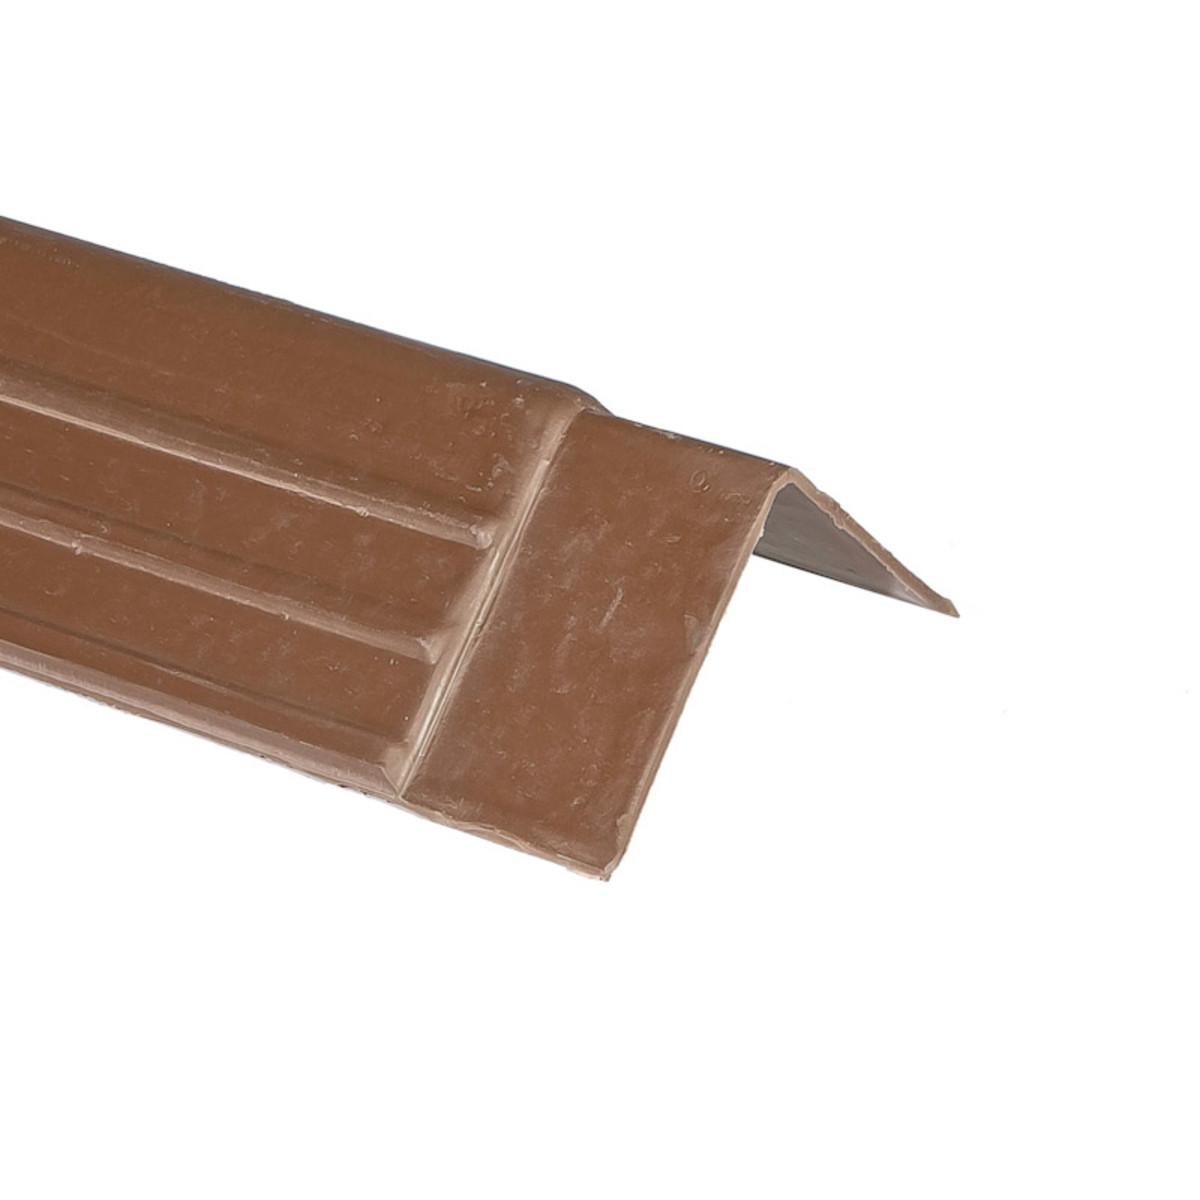 Планка ветровая Керамопласт 5x150x1210 мм цвет коричневый